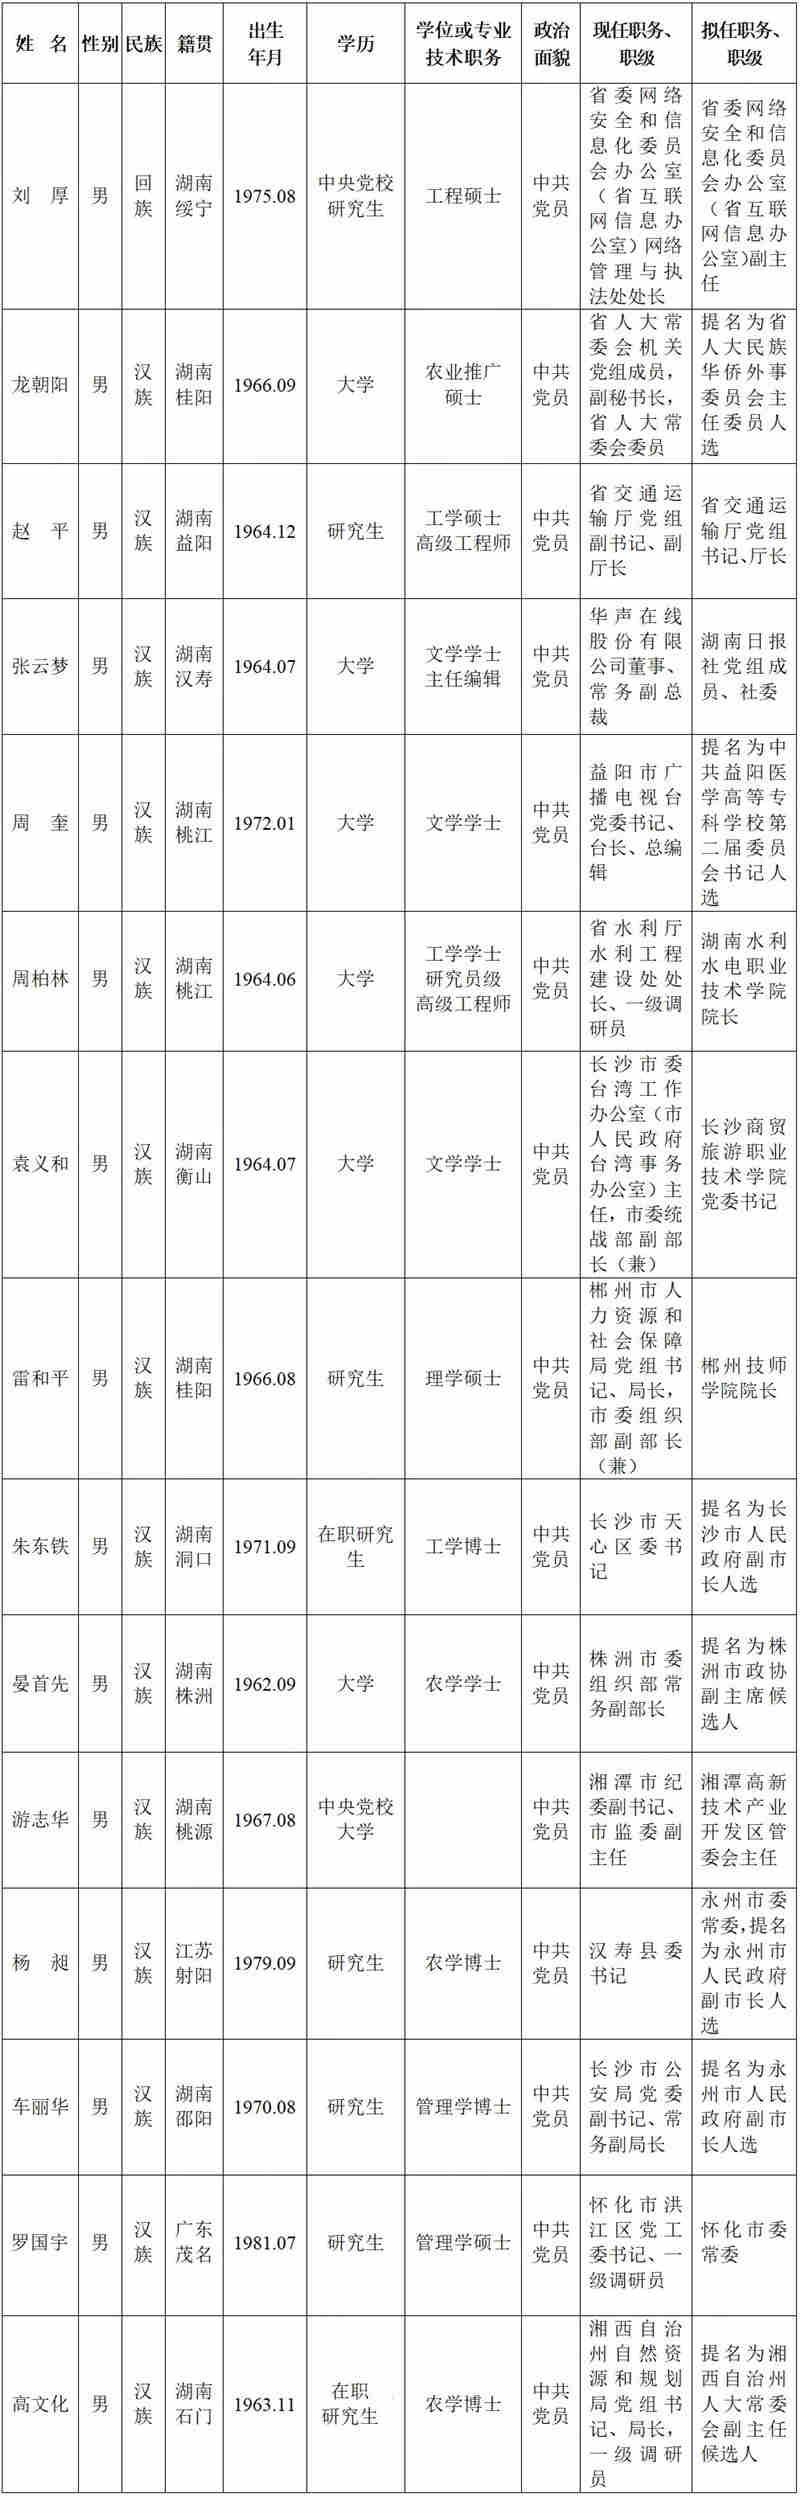 """湖南15名省管干部任前公示""""70后""""占据6席"""